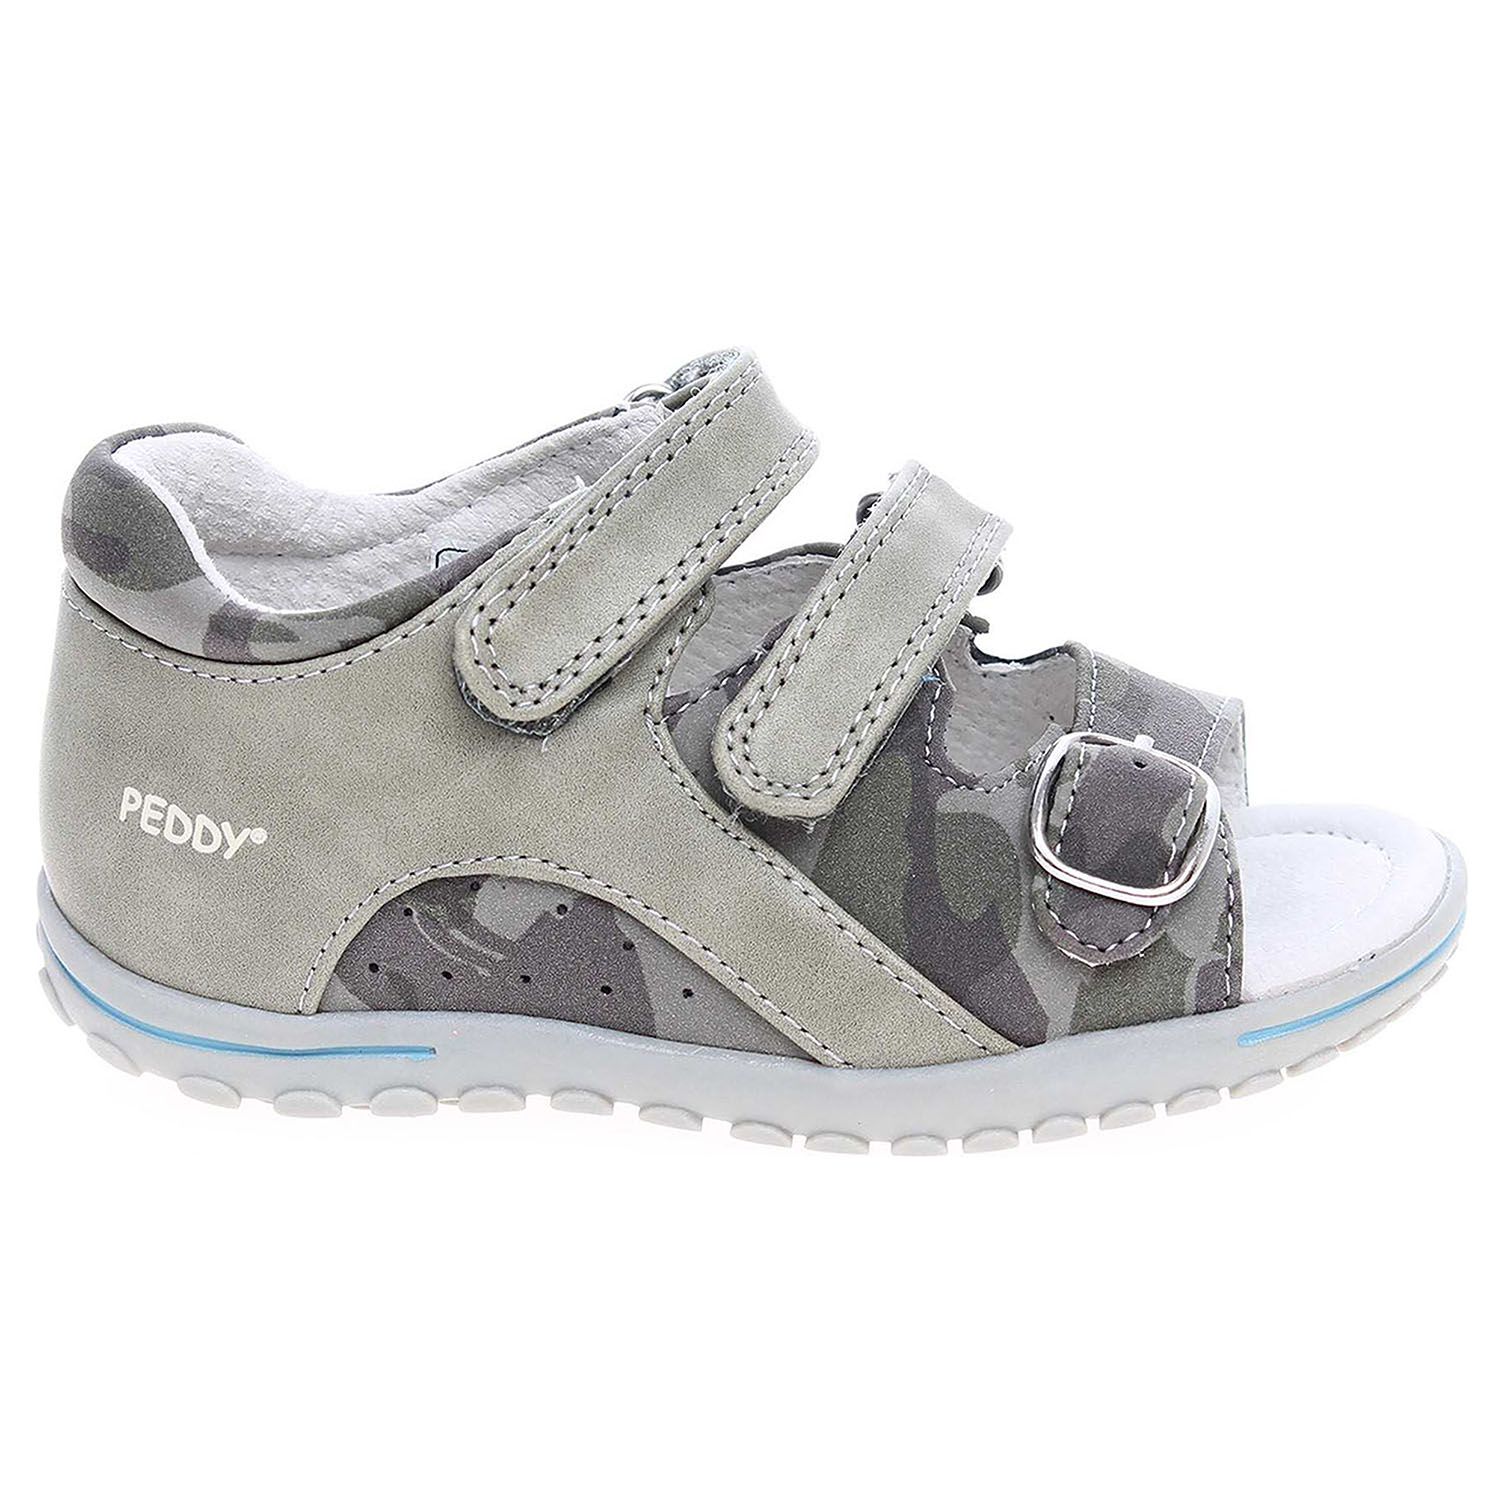 Ecco Peddy chlapecké sandály PW-612-38-05 khaki 29300072